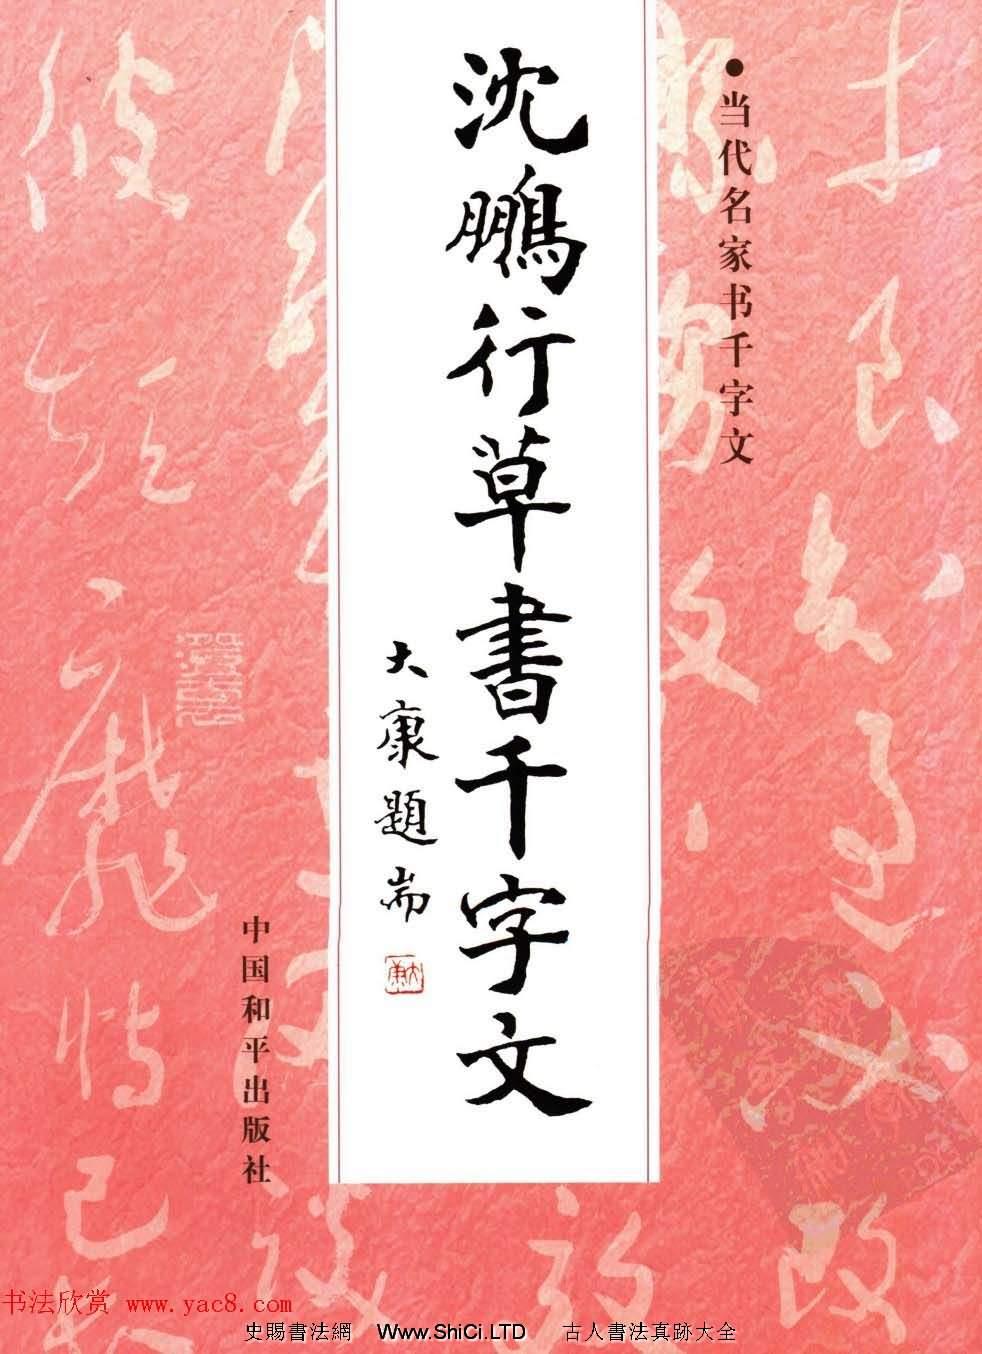 當代名家沈鵬草書字帖真跡欣賞《千字文》(共48張圖片)